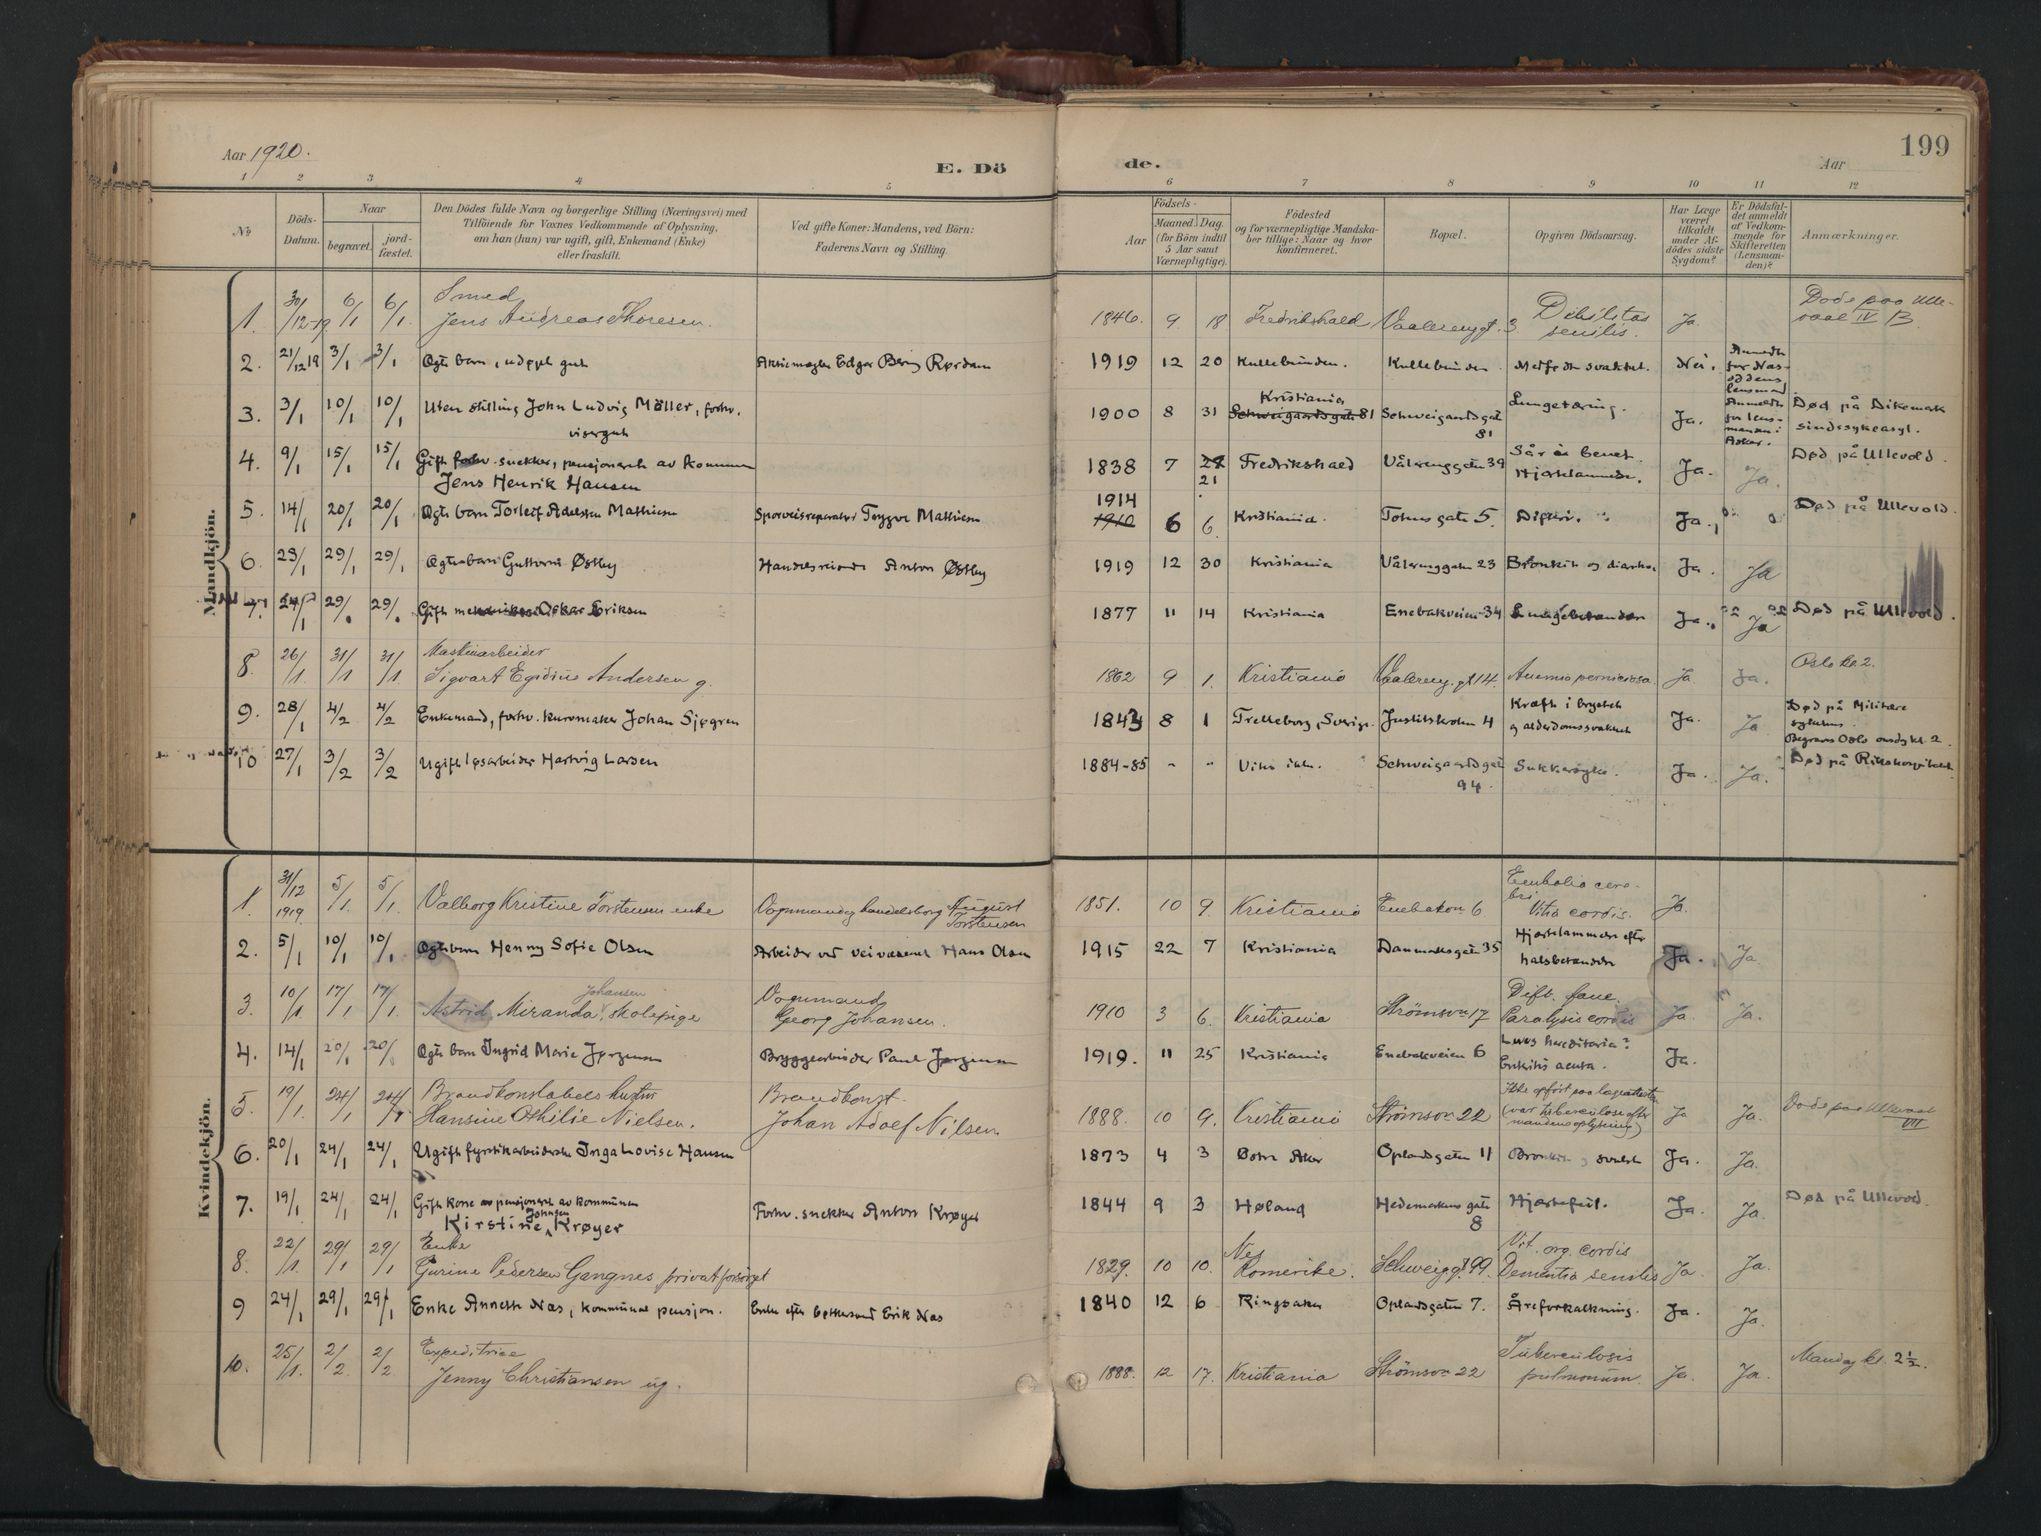 SAO, Vålerengen prestekontor Kirkebøker, F/Fa/L0003: Ministerialbok nr. 3, 1899-1930, s. 199